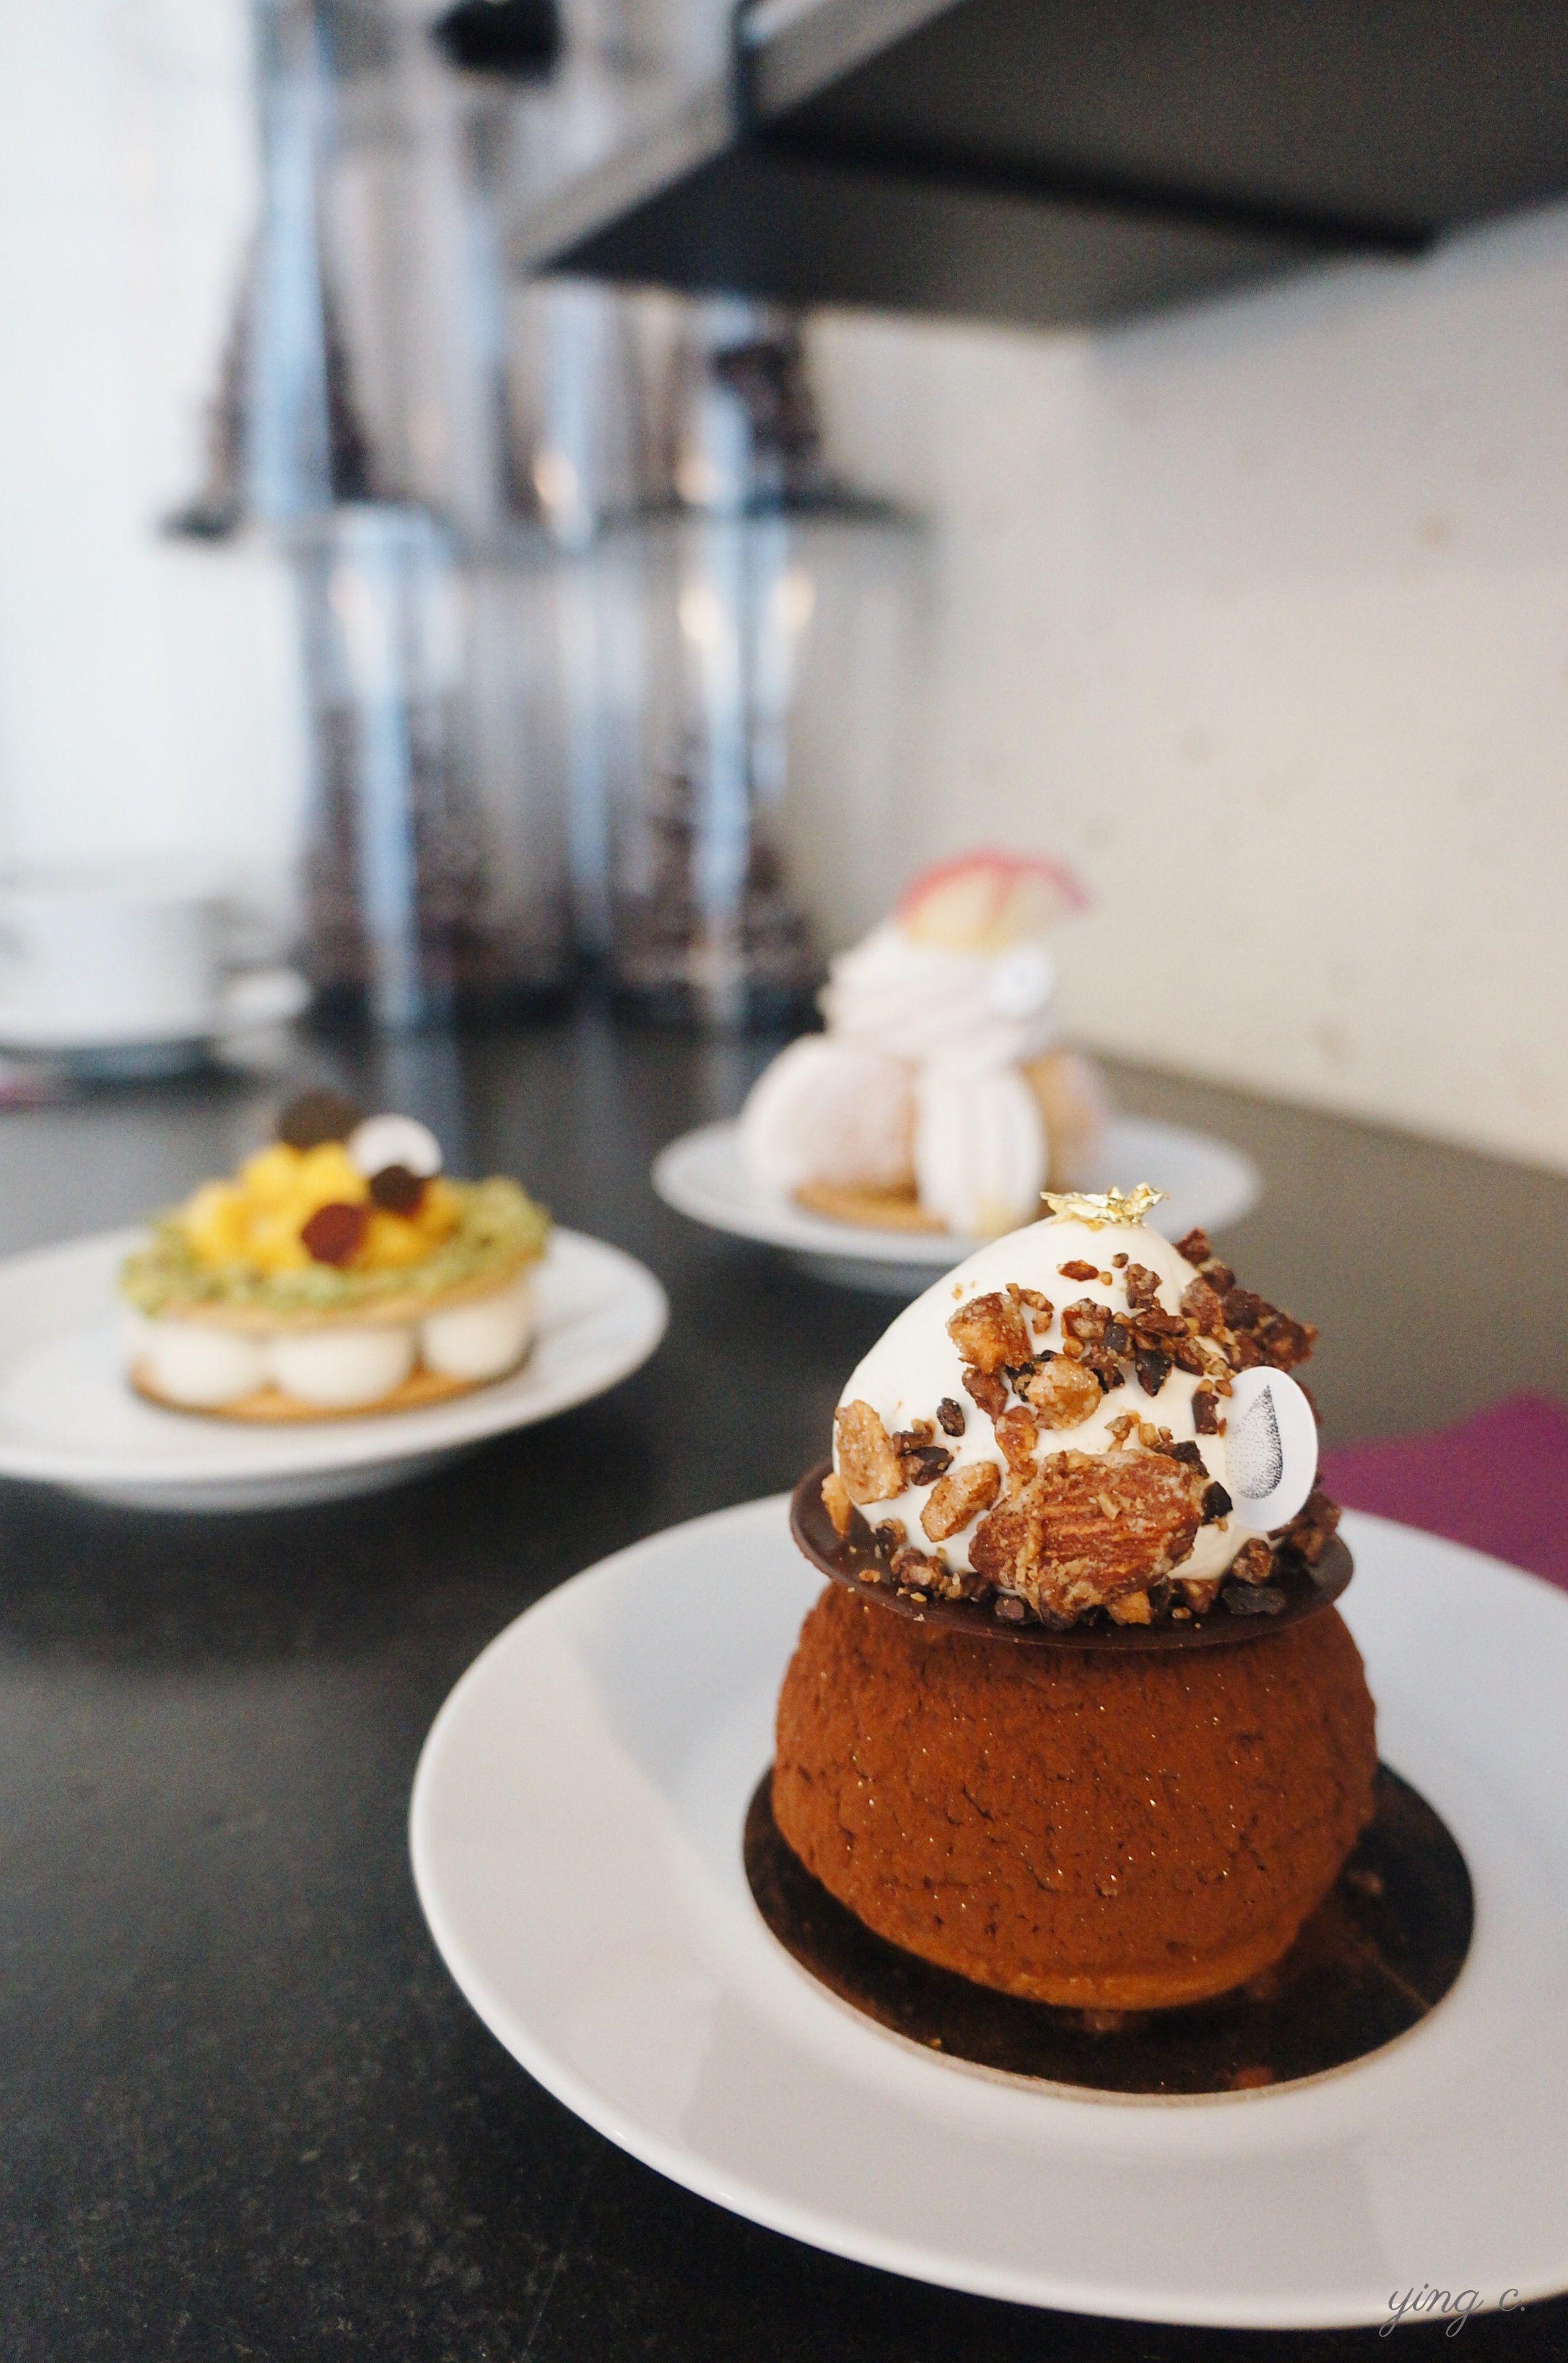 最後選擇的三個甜點之一——可可碎粒泡芙(Chou fève de cacao)。